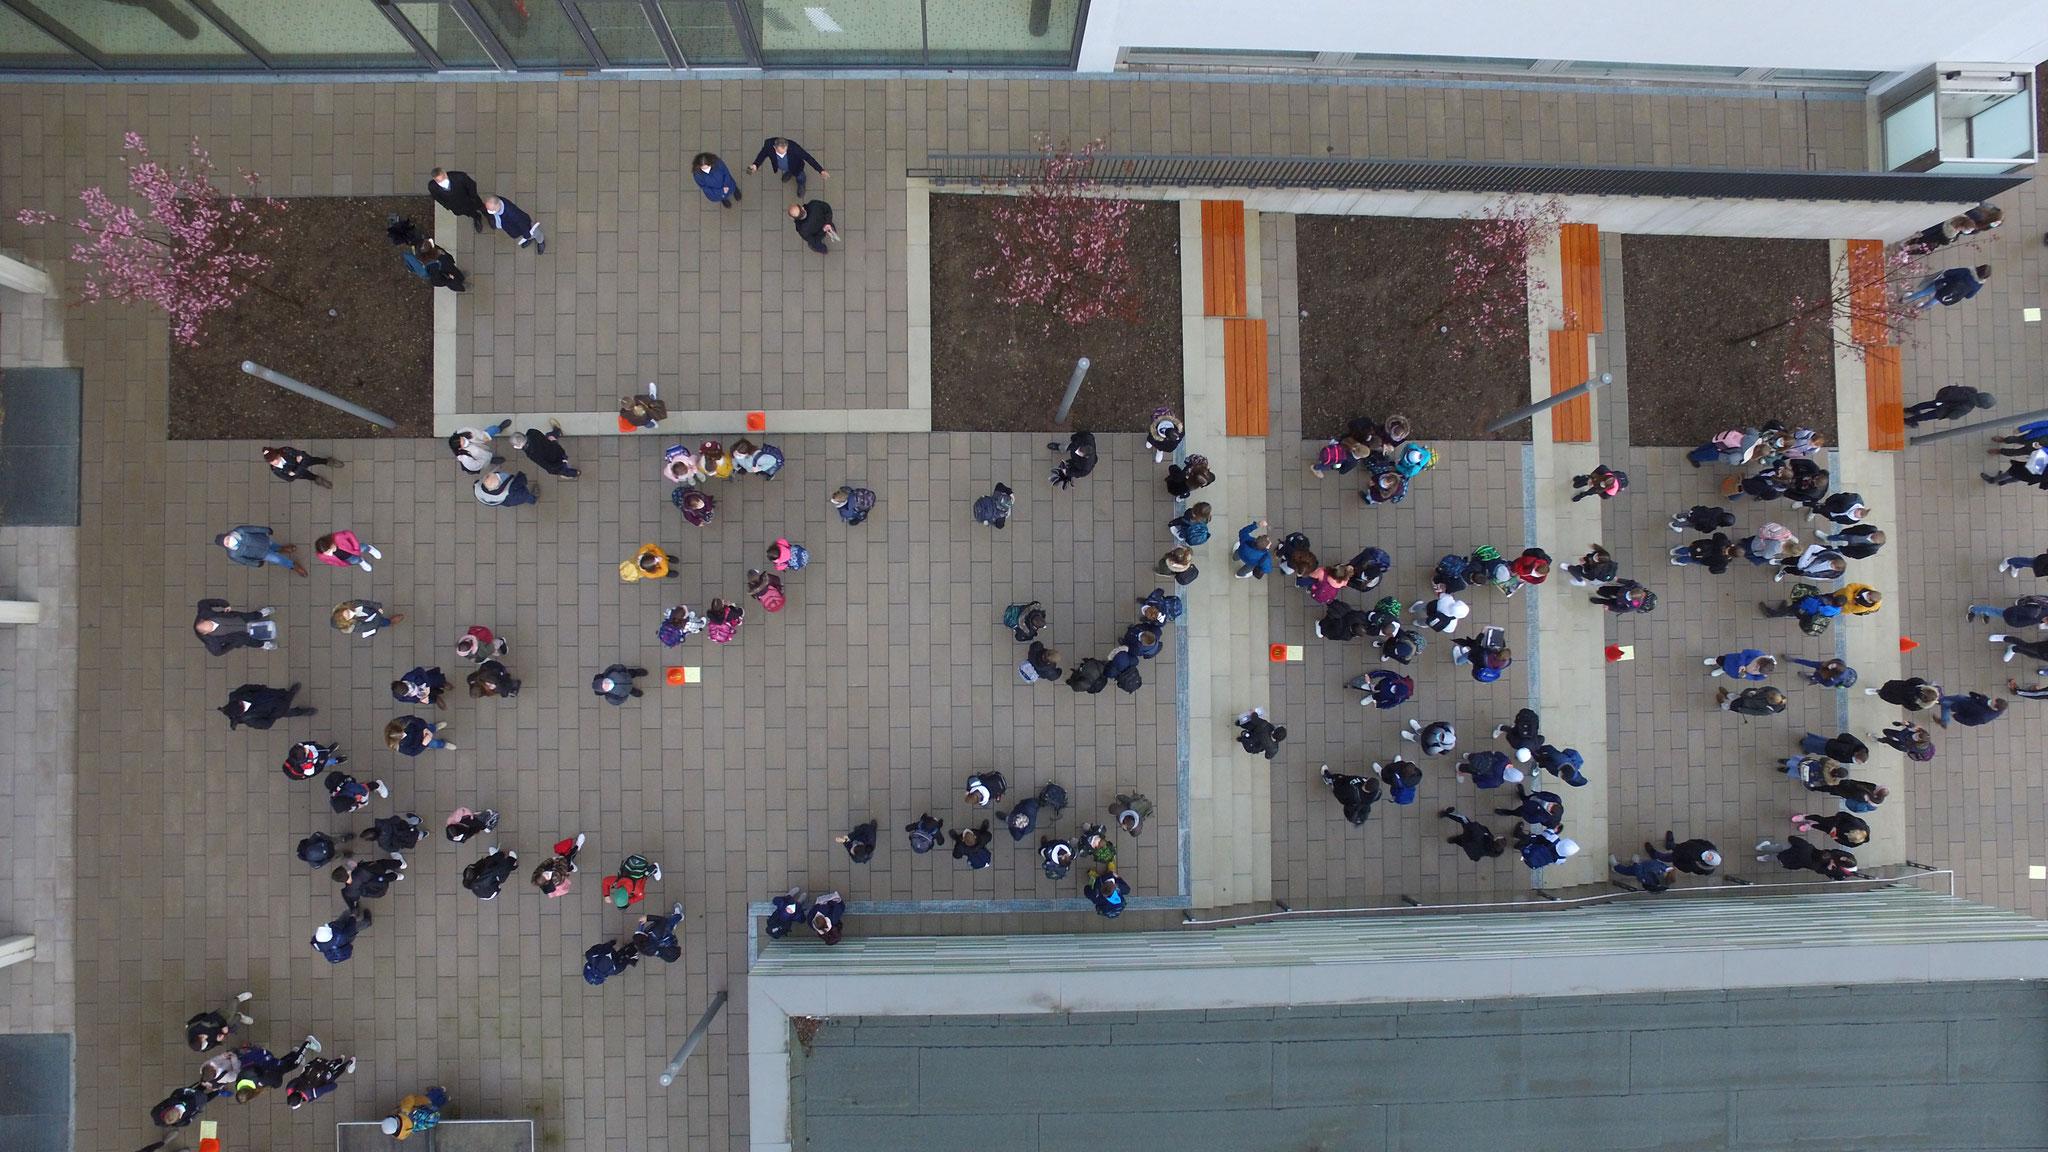 Die Schüler warten gespannt auf den Einlass.